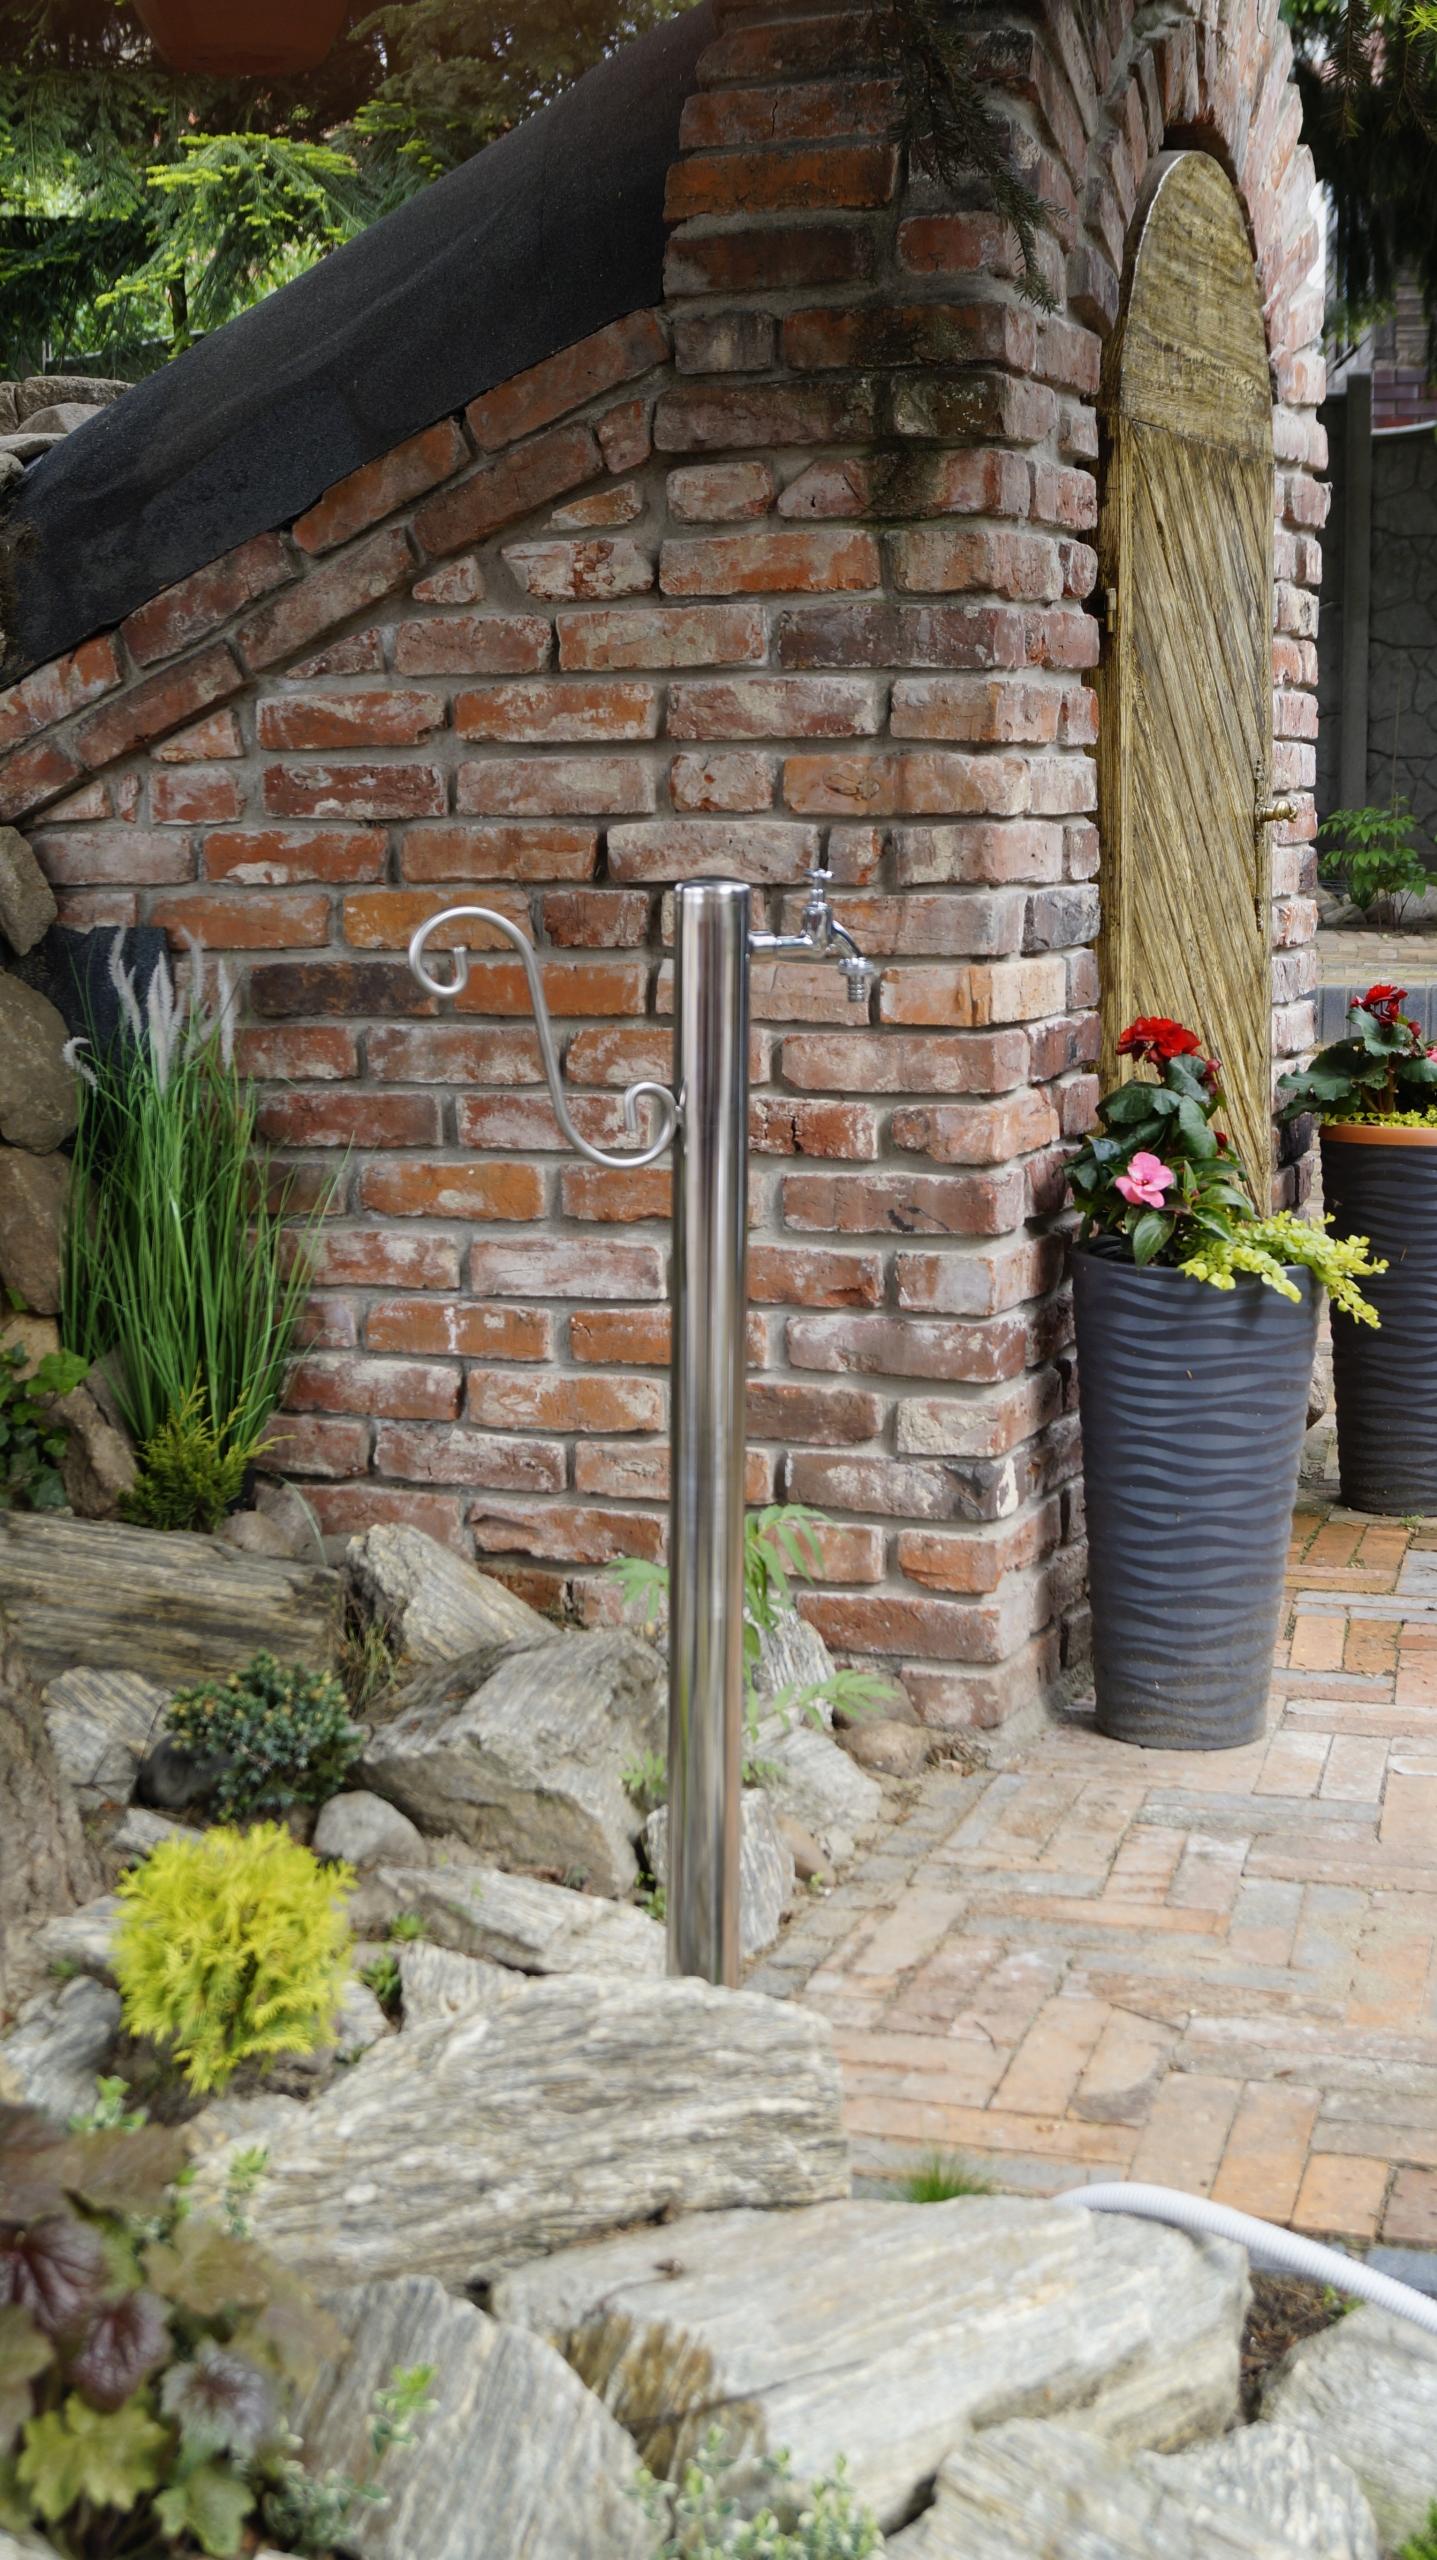 Kran Ogrodowy hydrant 100cm INOX kranik słupek Waga produktu z opakowaniem jednostkowym 4 kg